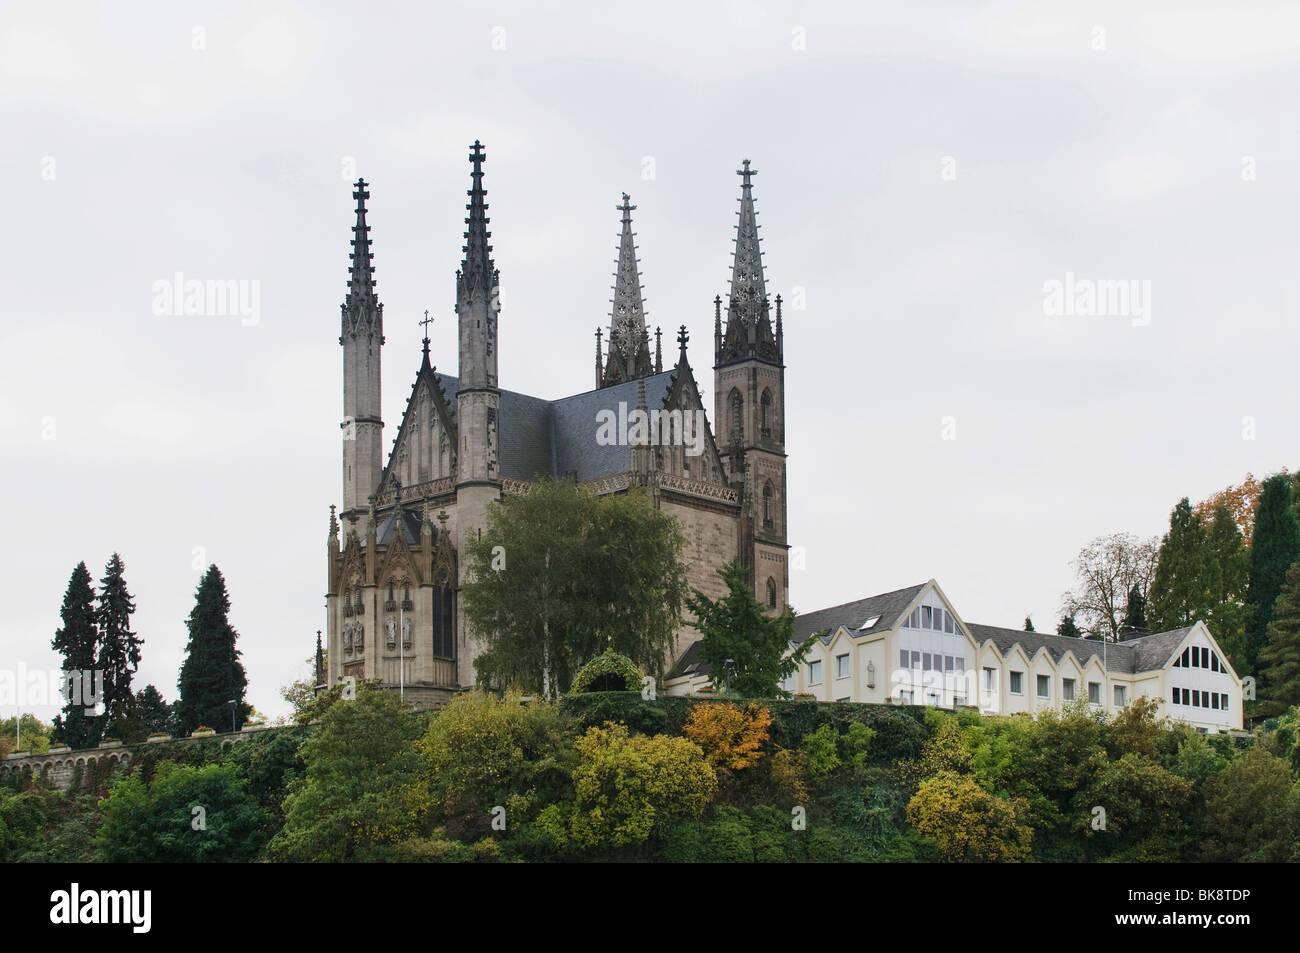 Église de pèlerinage de Saint-apollinaire avec bâtiments agricoles, Remagen, Rhénanie-Palatinat, Photo Stock